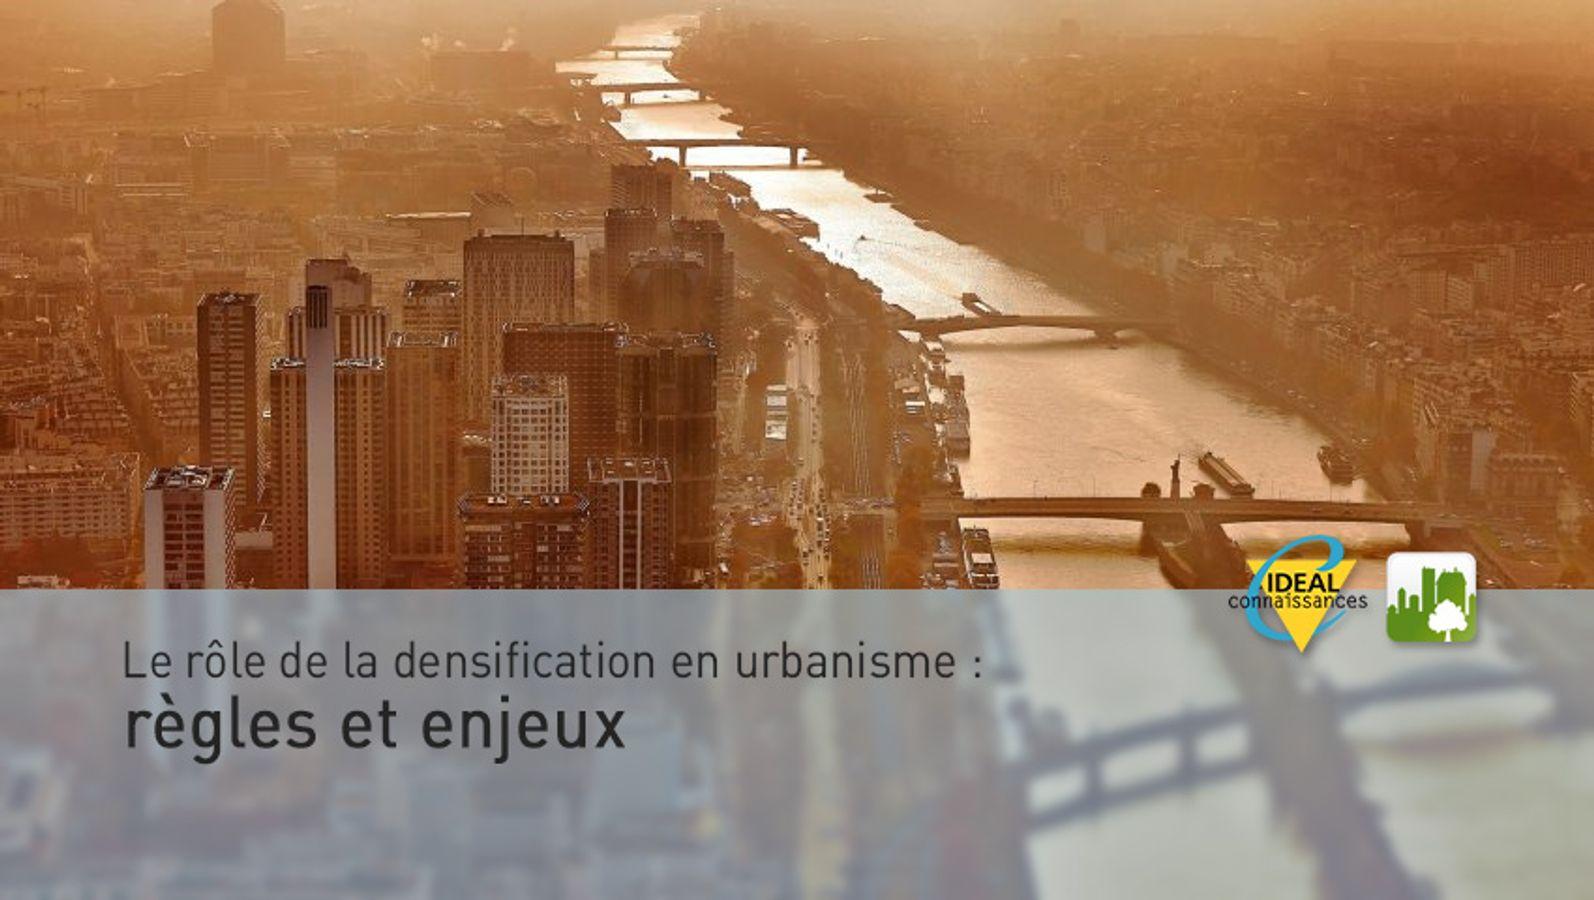 Le rôle de la densification en urbanisme : règles et enjeux